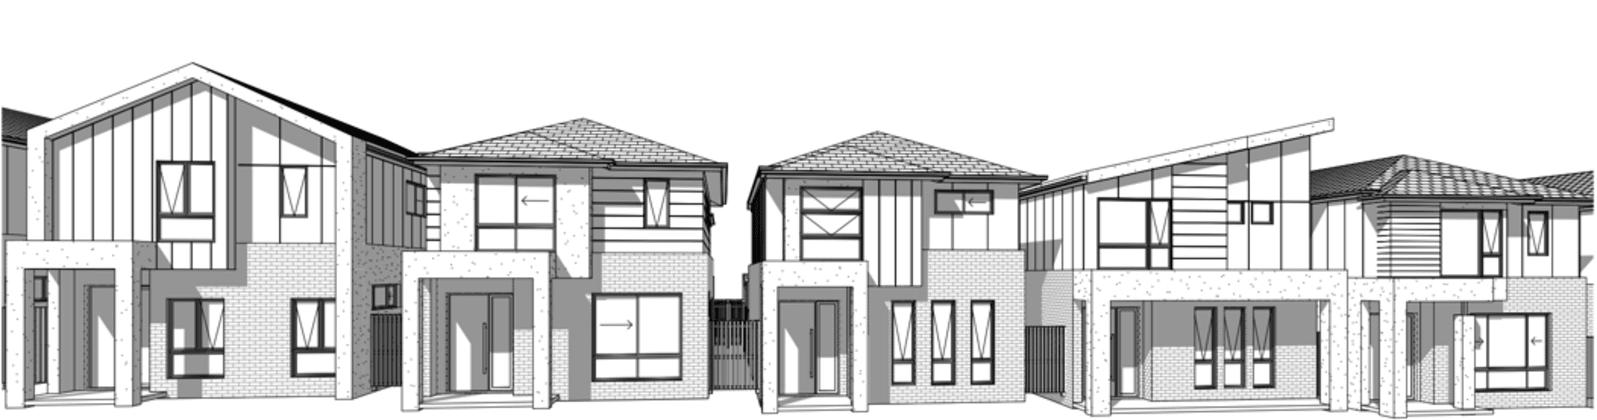 50-80 Edmondson Avenue, Austral. Planning Image: Mps Architects